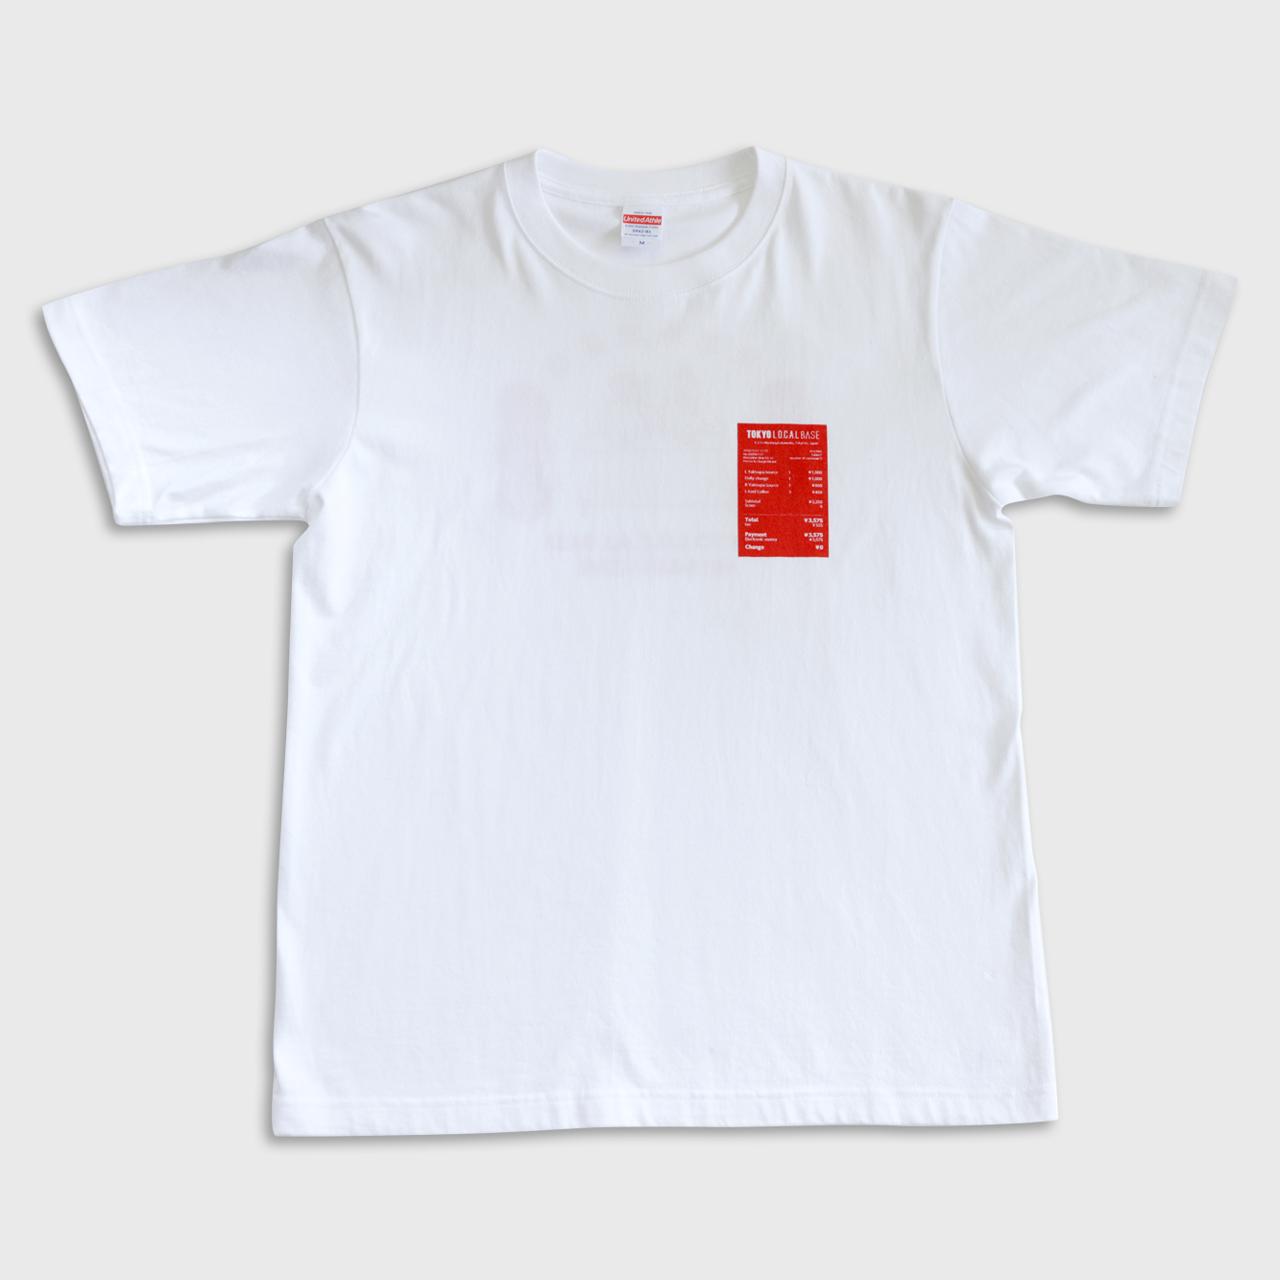 「東京地域基地」TOKYO L.O.C.A.L BASE  Tシャツ